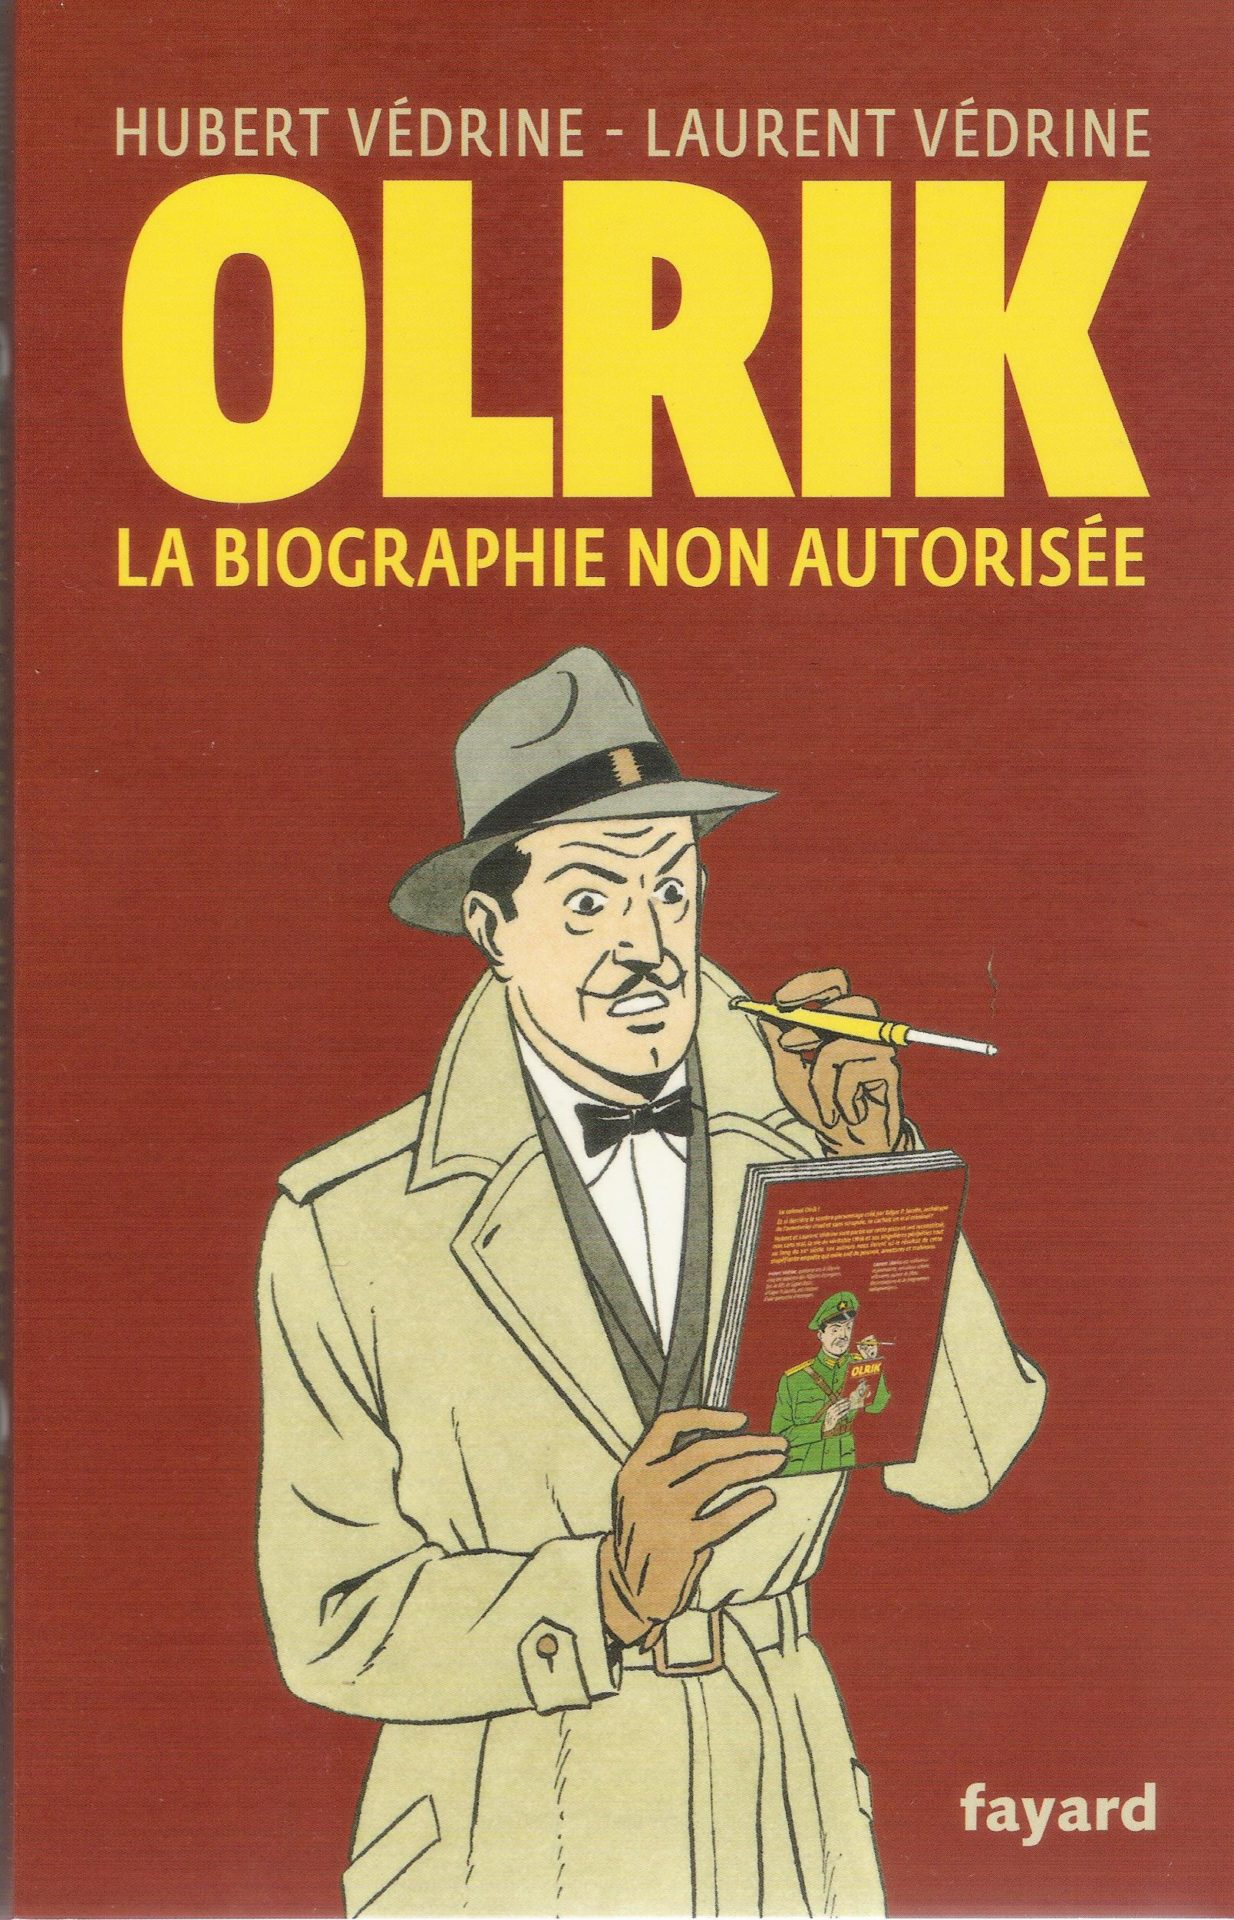 Olrik. La biographie non autorisée (Fayard, 2019, 220 p., 20 €).